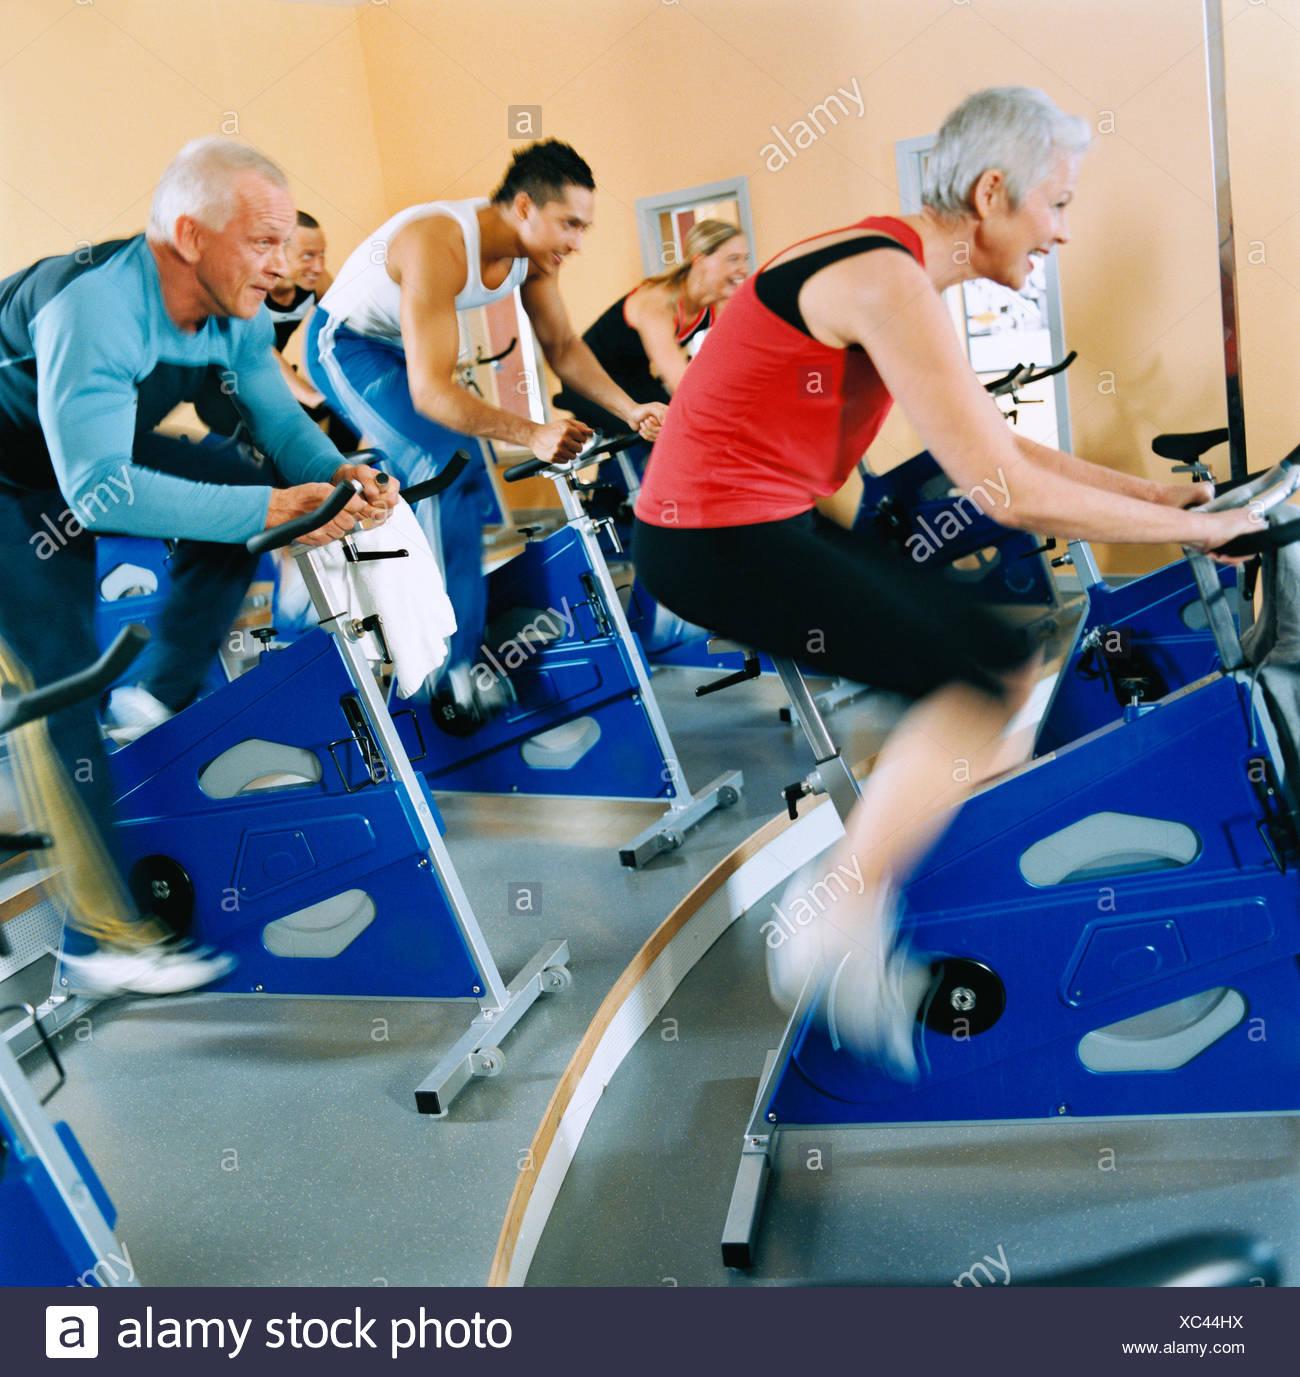 20-24 AÑOS 30-34 AÑOS actividad adultos único atleta bicicleta ciclo de imágenes en color de culturismo ejercicio cinco personas gimnasio Health Imagen De Stock